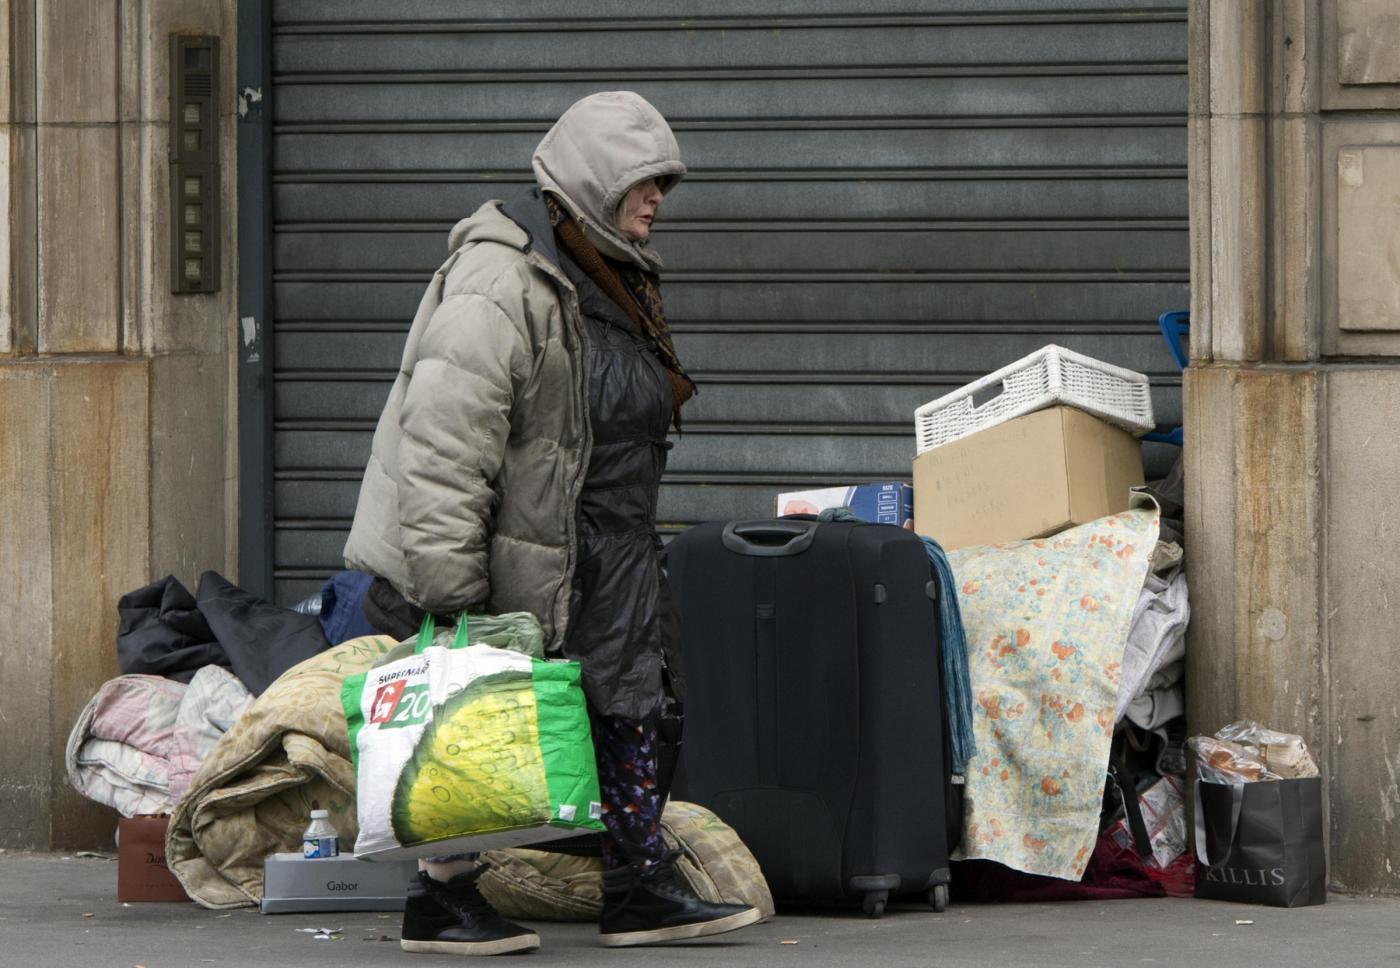 Maryse Dumas la senzatetto postata su Instragram dall'editore di Vogue